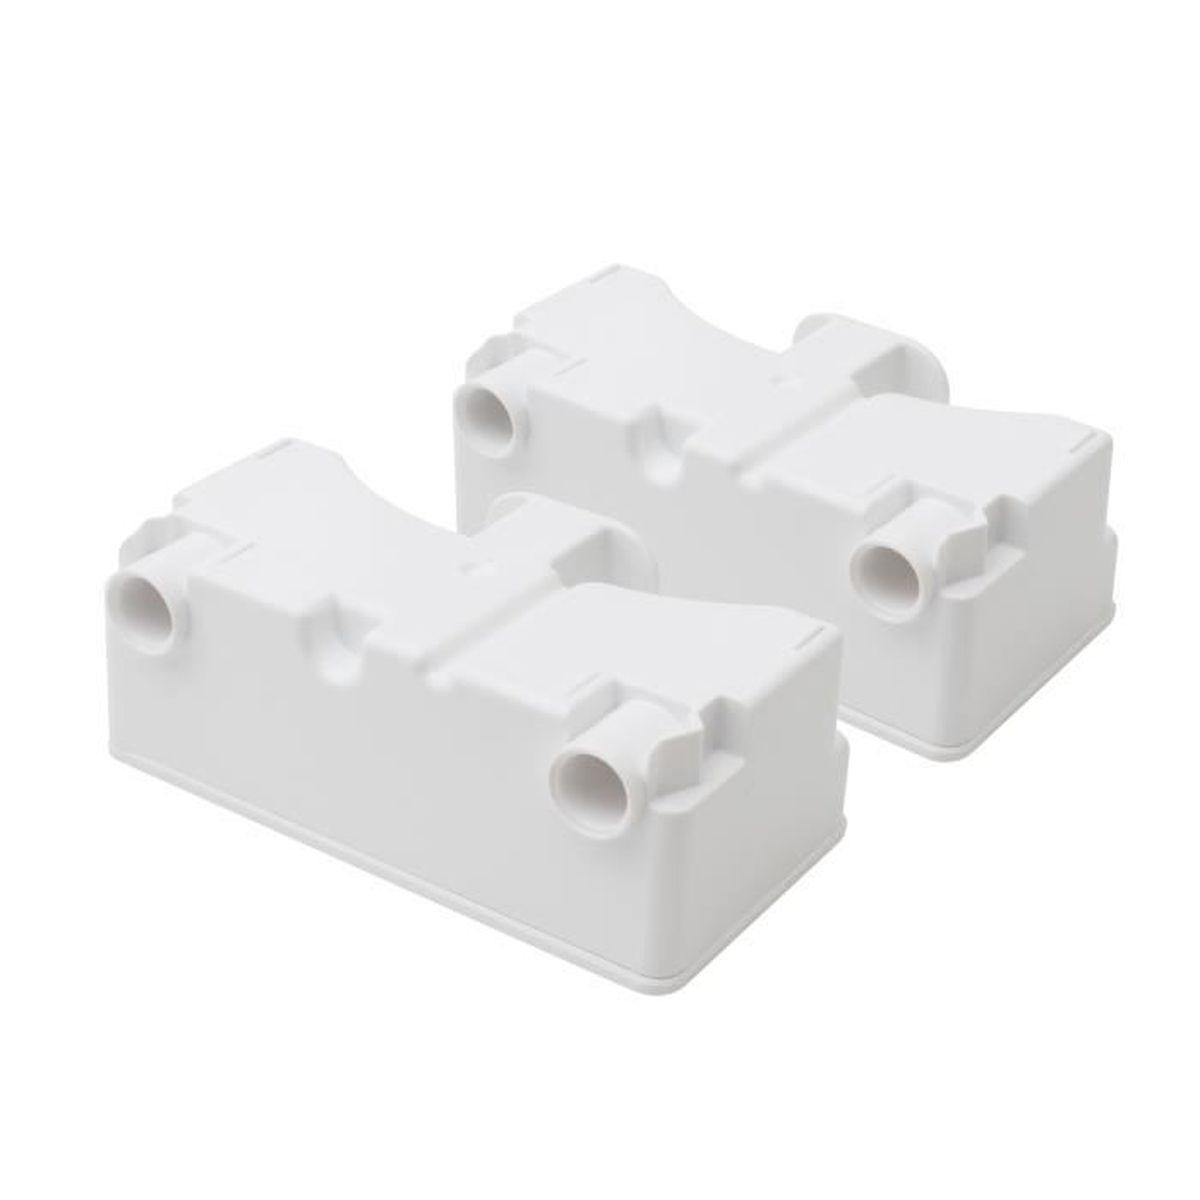 lot de 2 cartouches anti calcaire cac1 pour hydrojetv2 blanc achat vente pi ce soin du. Black Bedroom Furniture Sets. Home Design Ideas